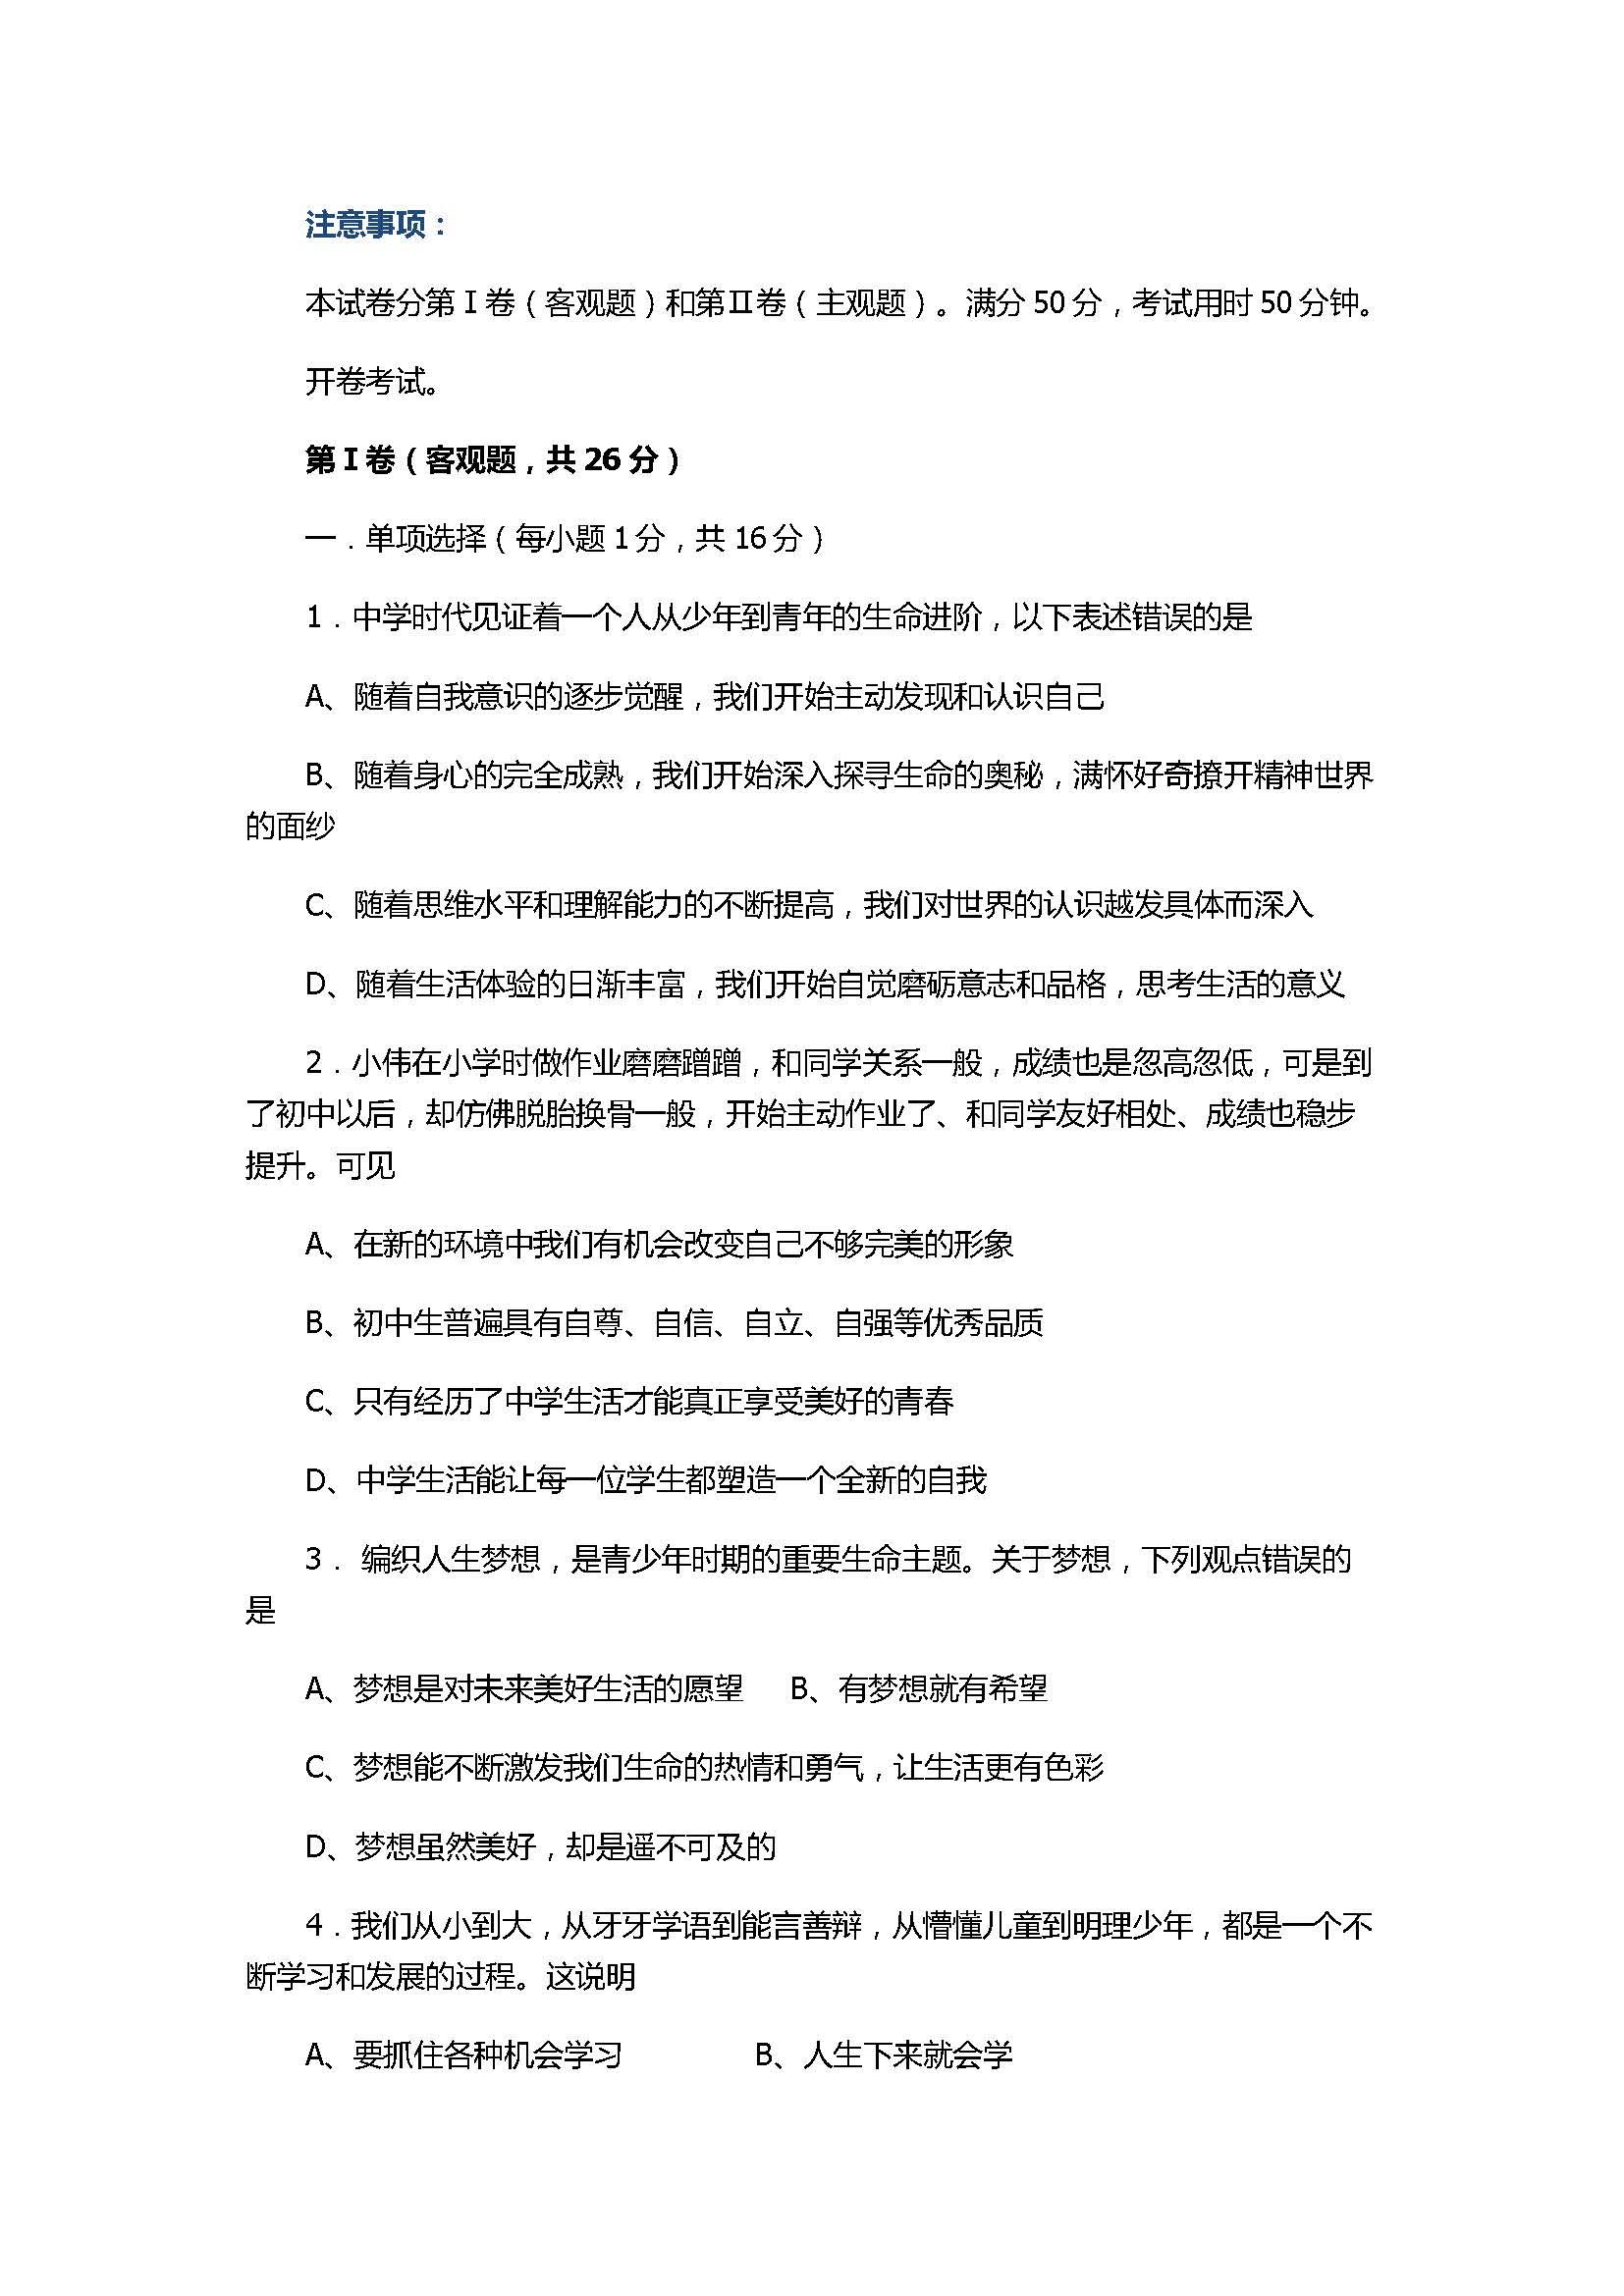 2017七年级道德与法治上册期中试卷带答案(张家港梁丰中学)